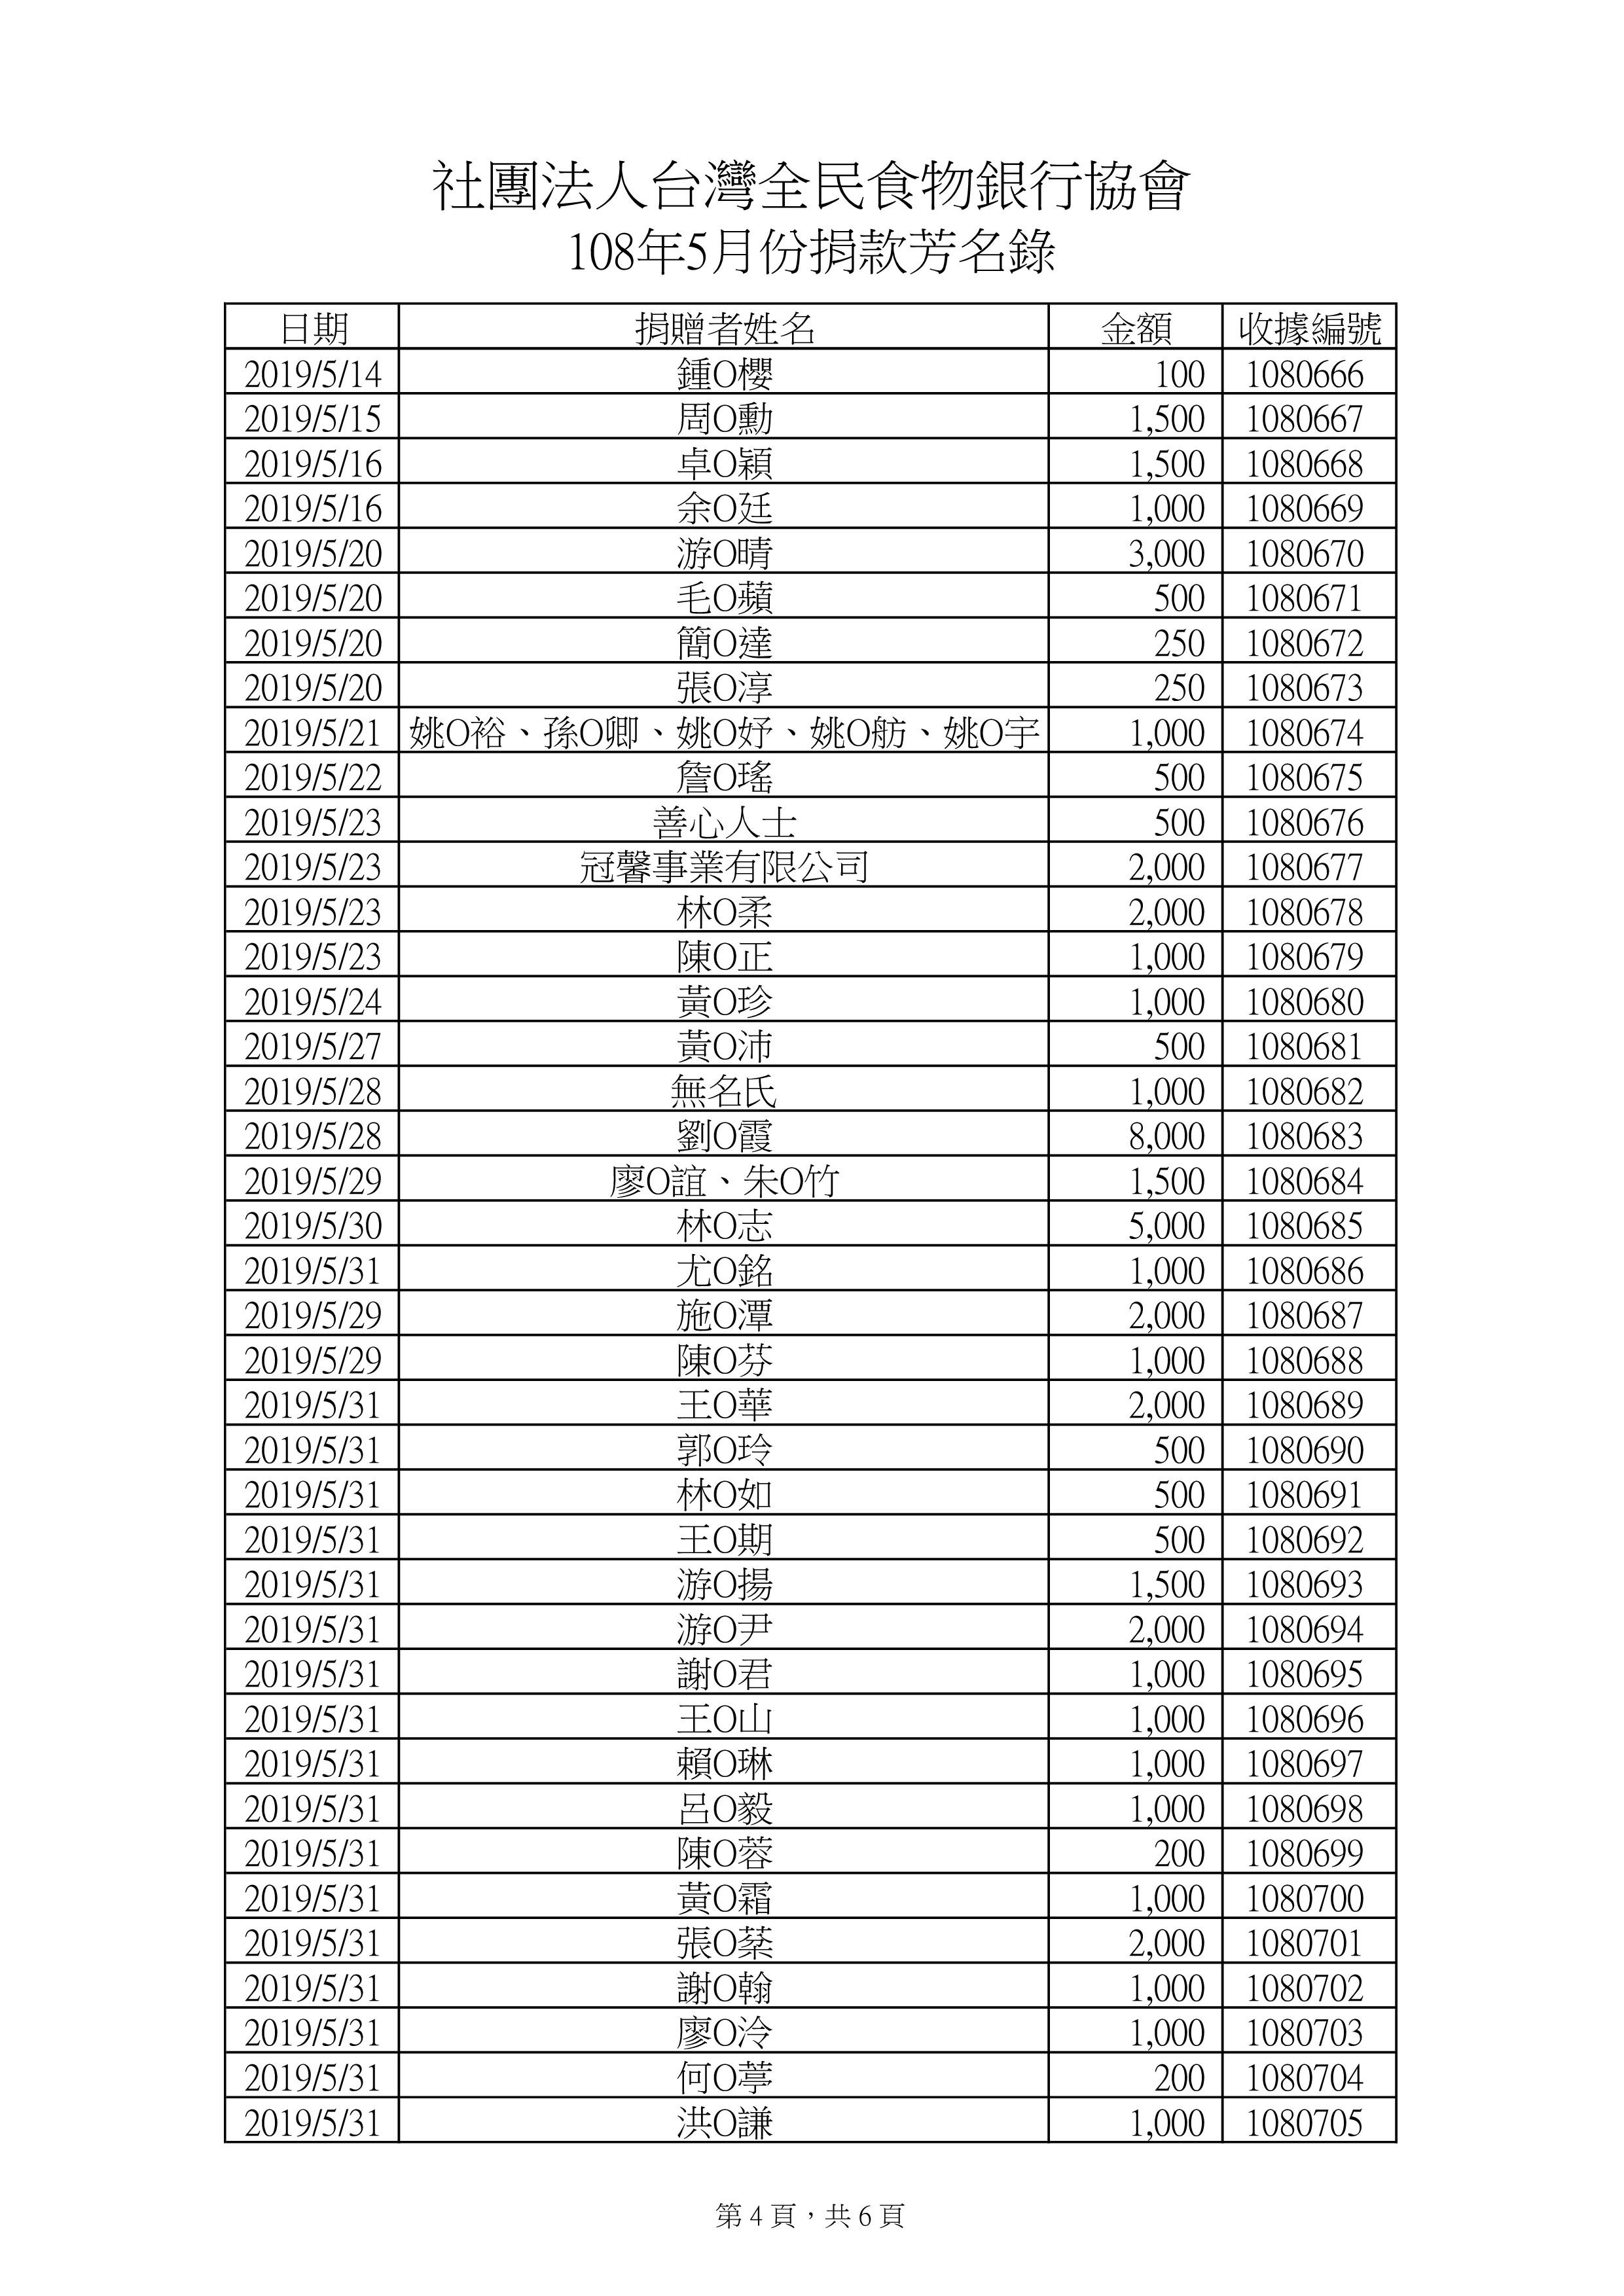 責信-現金10805-3.jpg